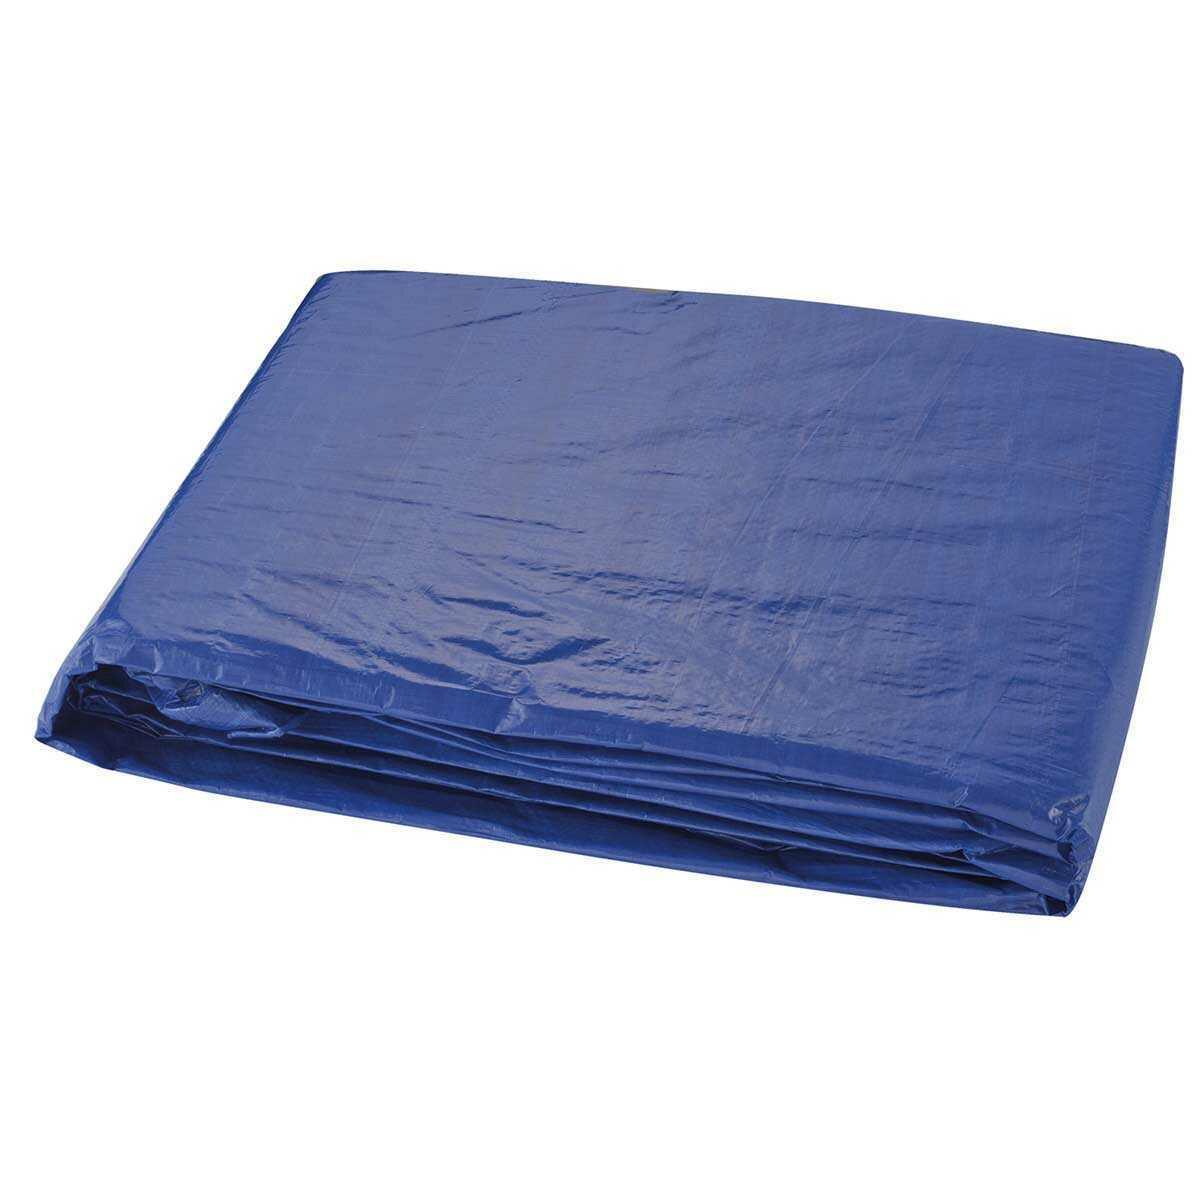 Lona Encerado Polietileno 100 Micras 5M X 5M Azul Kala